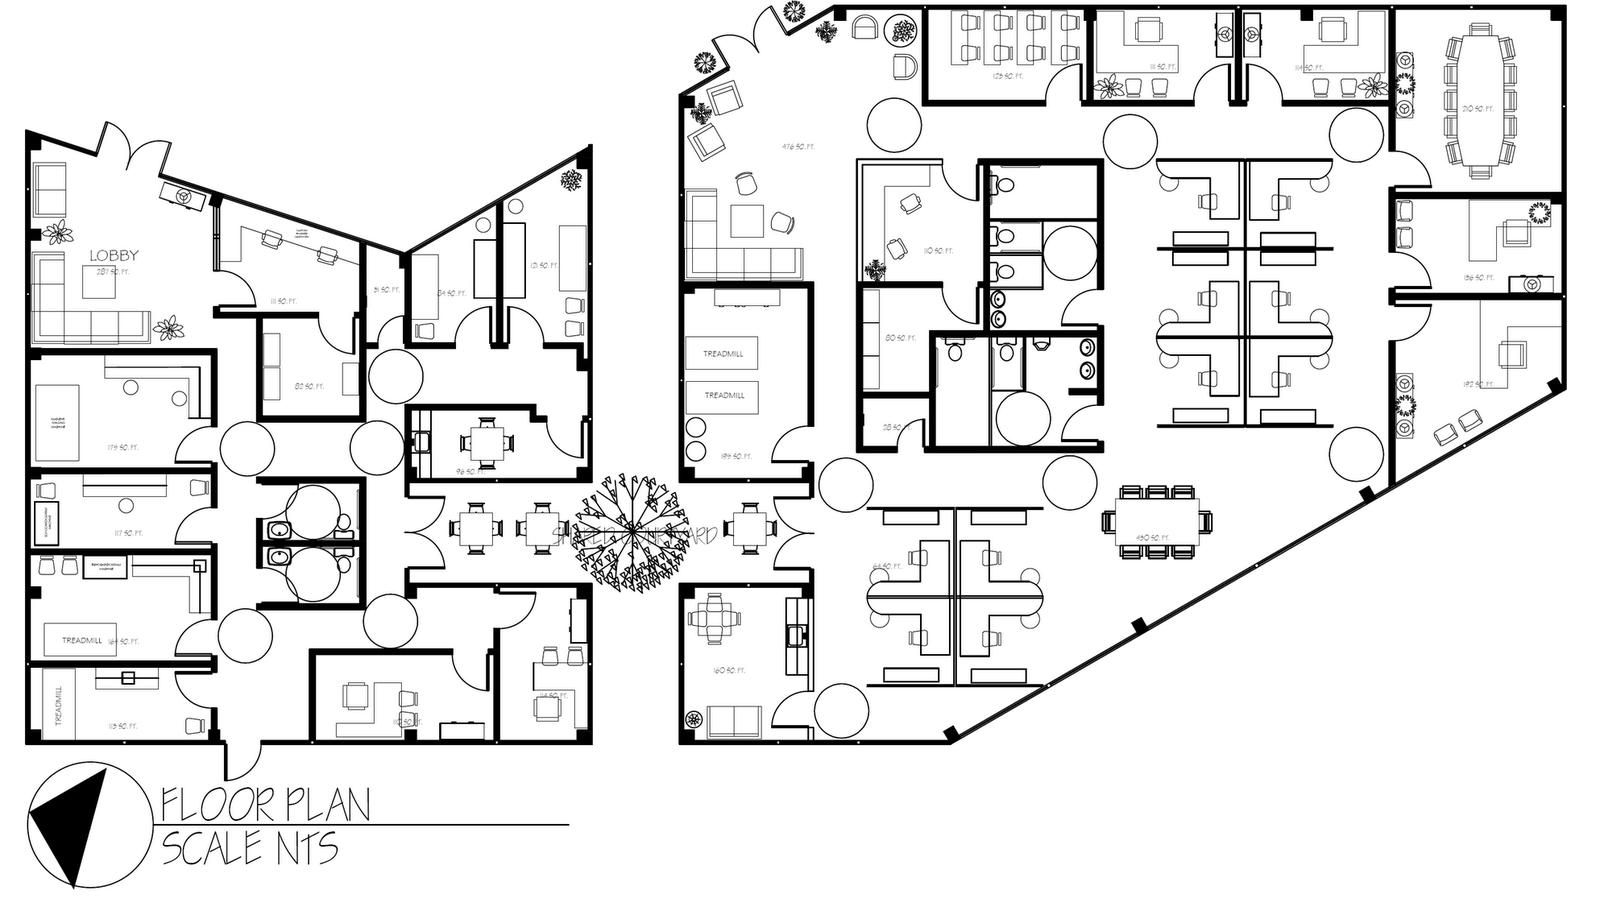 Commercial Floor Plan Design